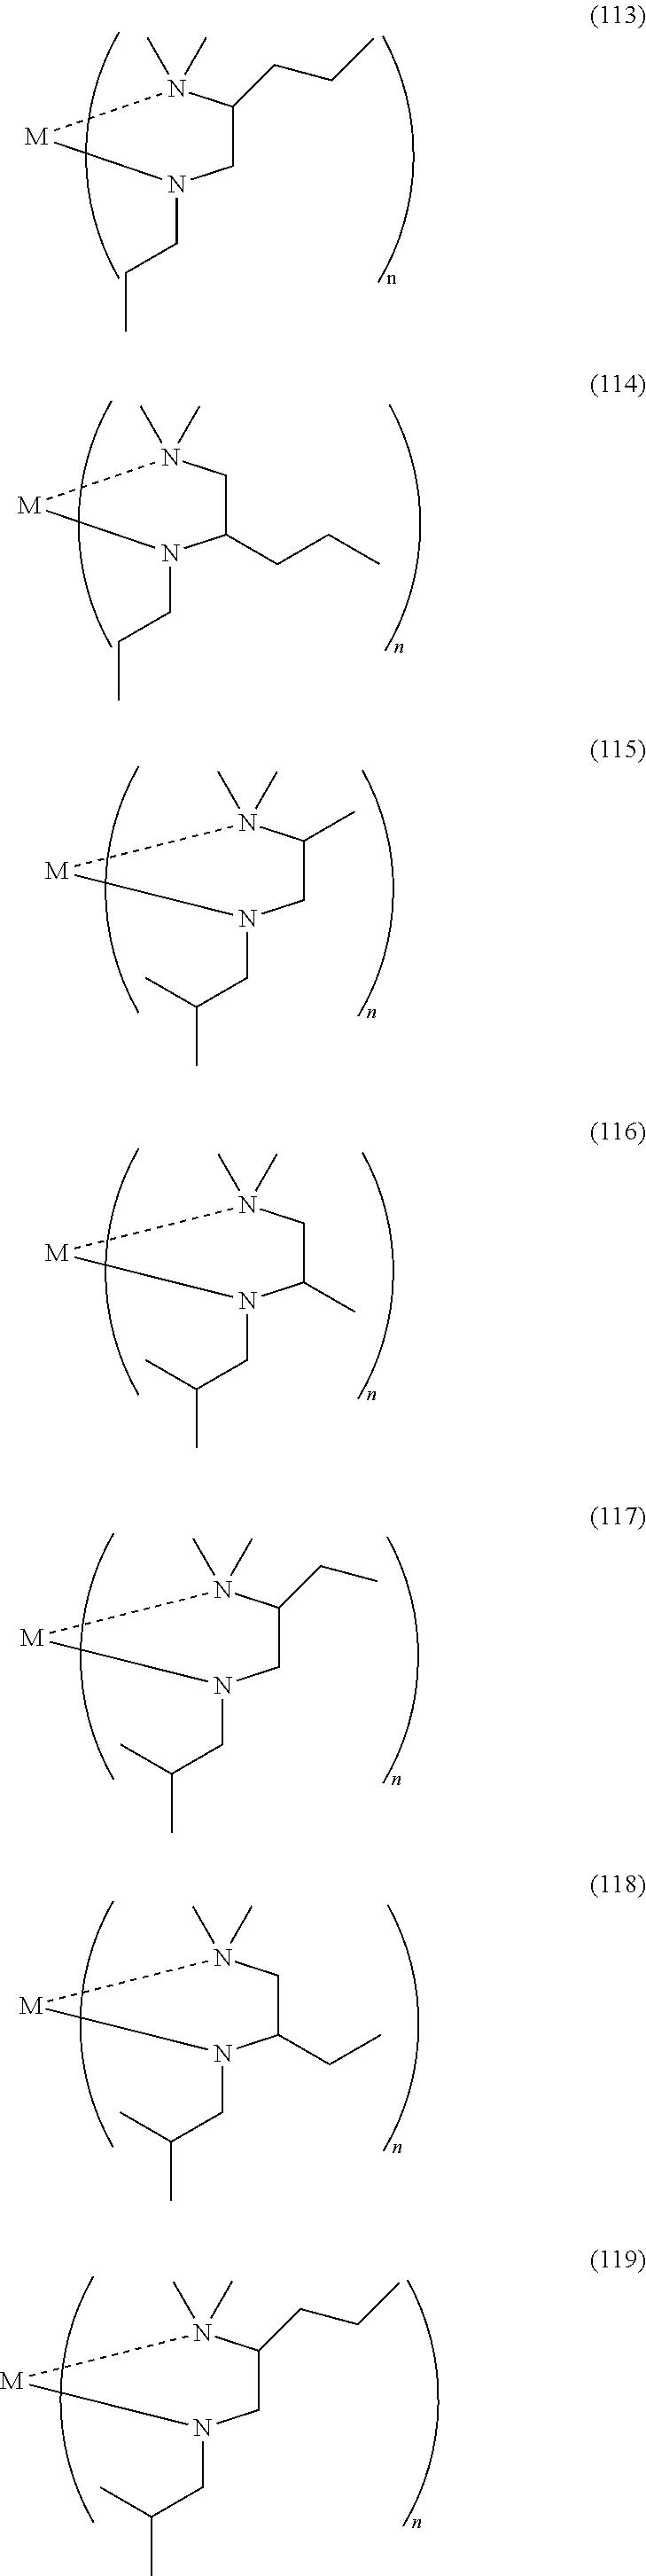 Figure US08871304-20141028-C00030